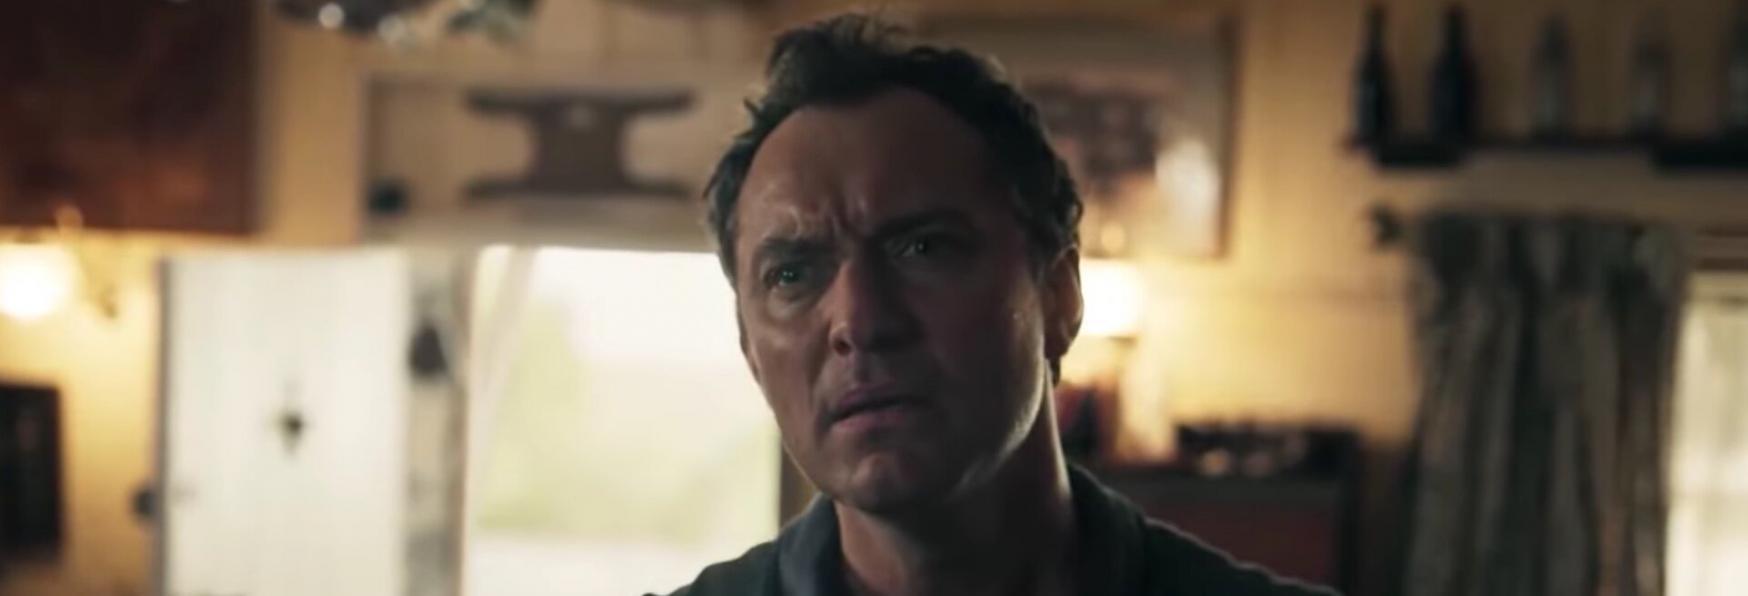 The Third Day: Trama, Cast, Data e Trailer e altre informazioni sulla nuova Miniserie targata HBO